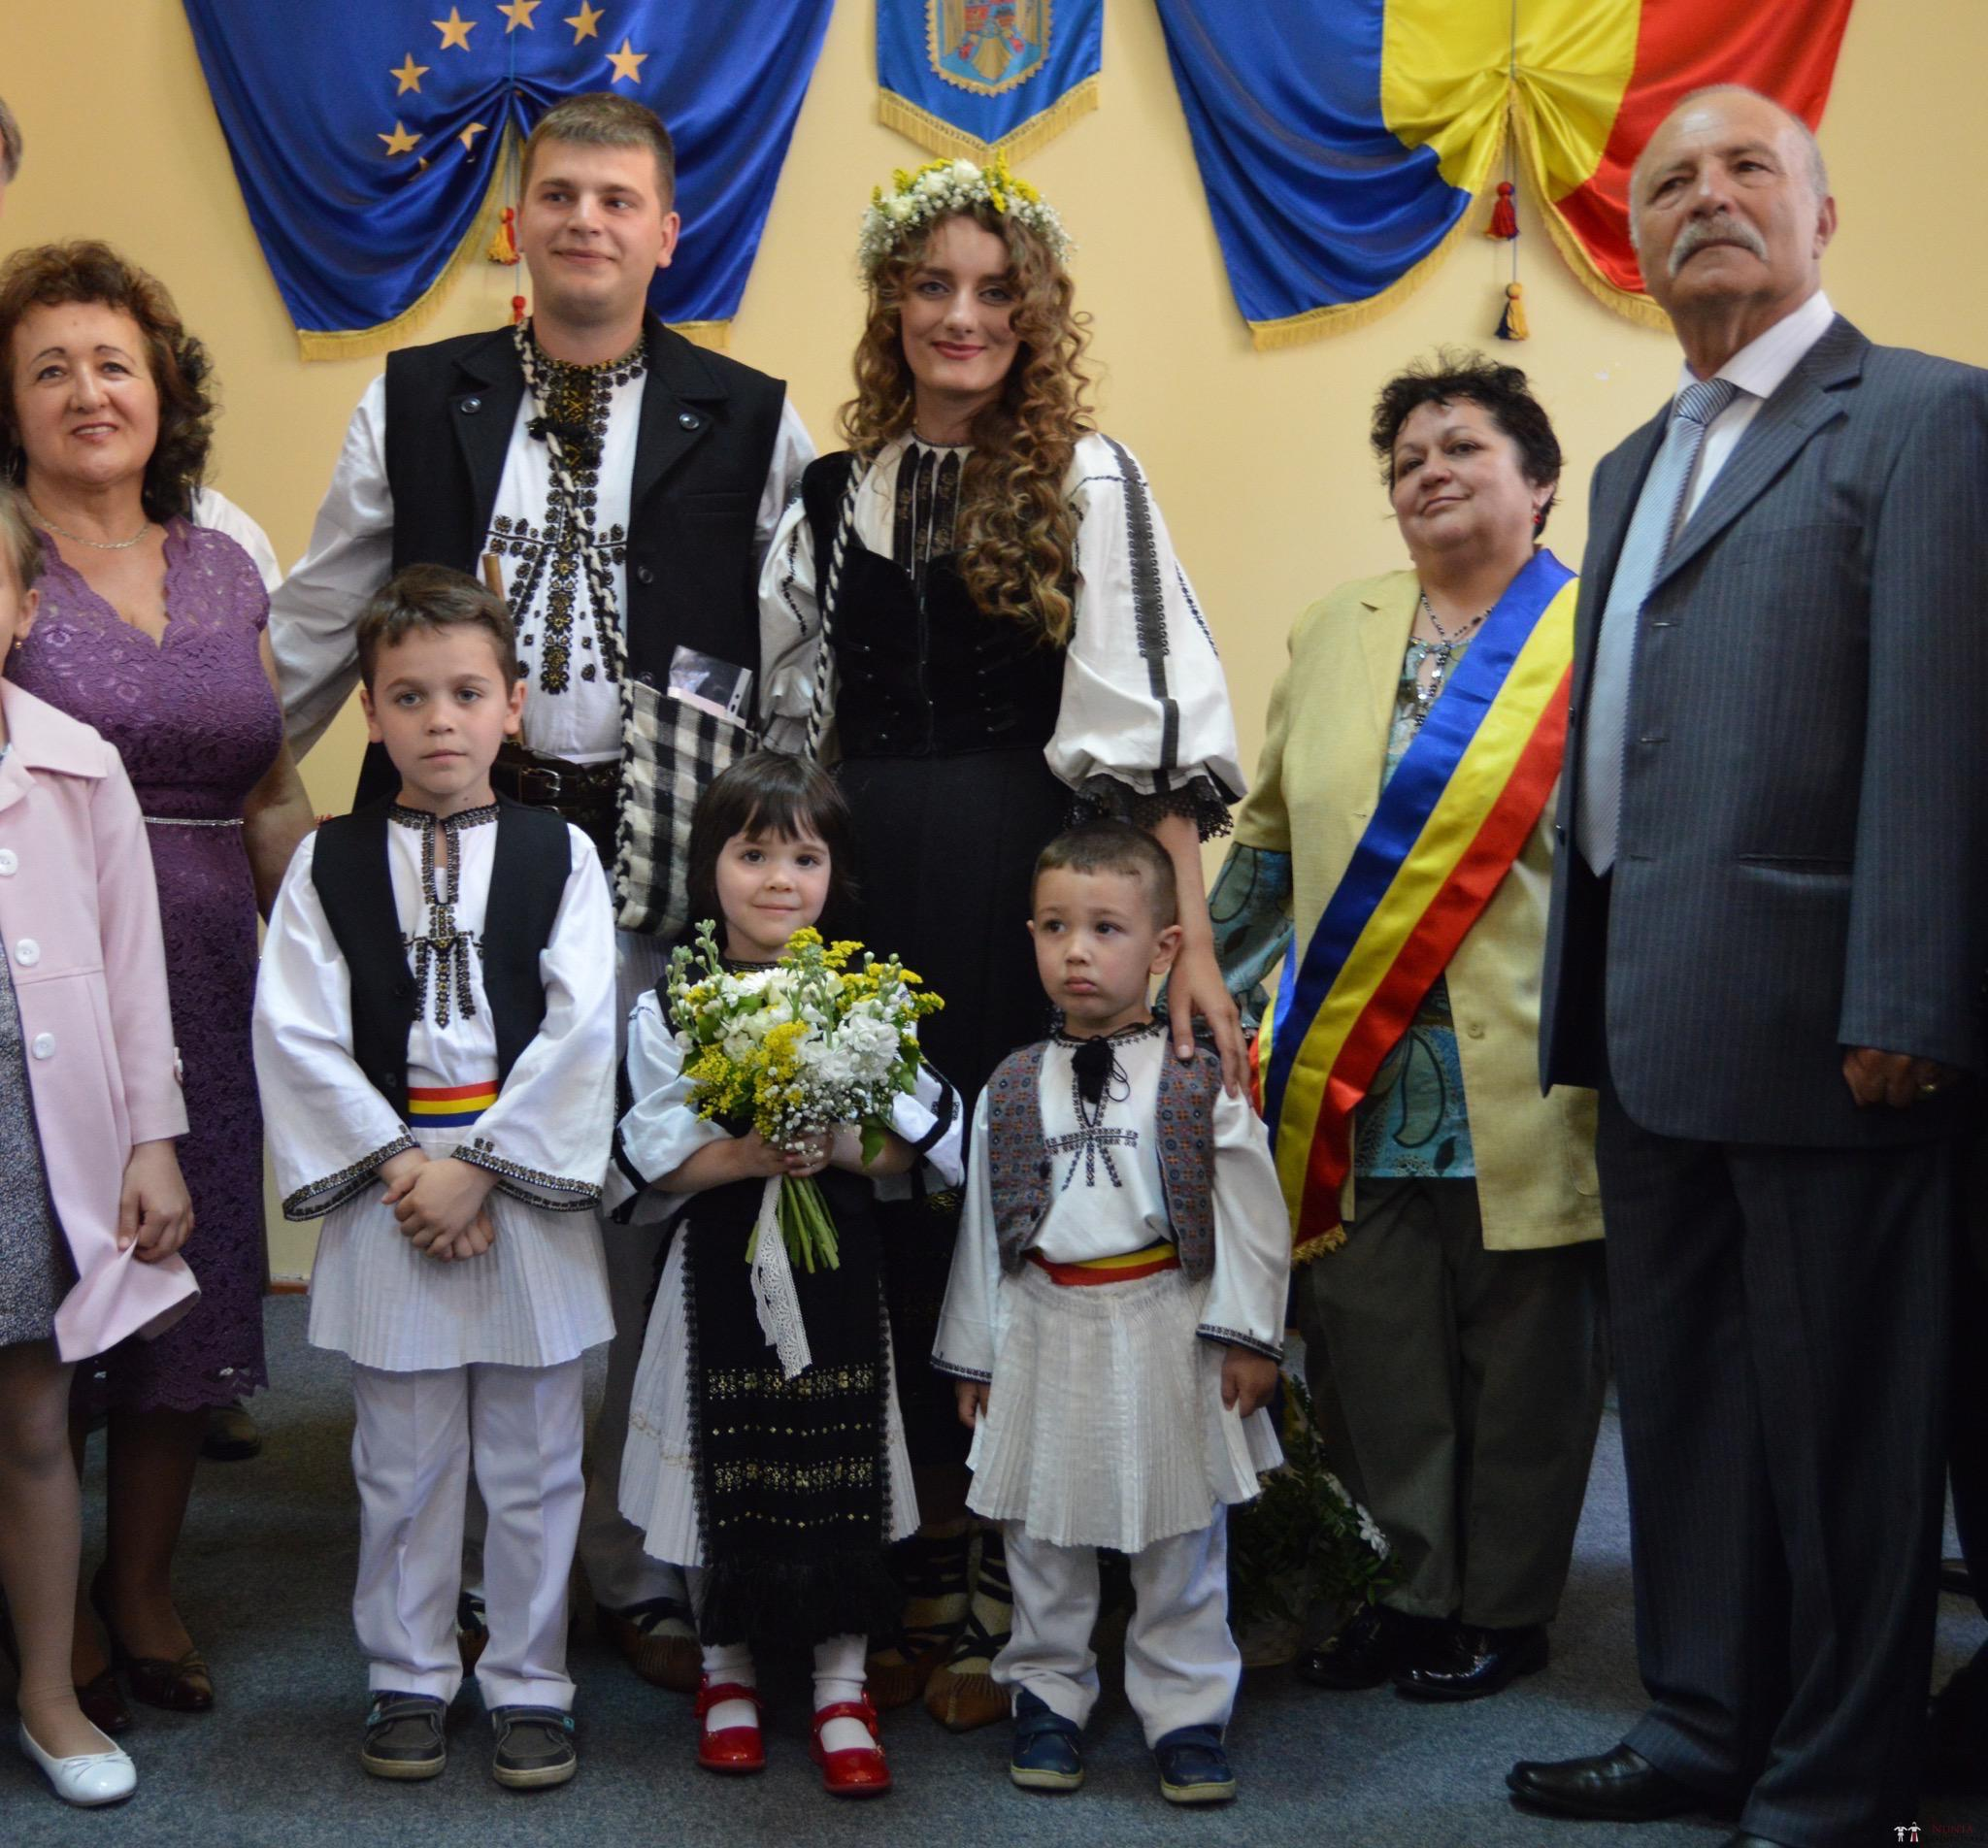 Povești Nunți Tradiționale - Constantin și Simona-Marilena. Nuntă tradițională în Căpâlna, Alba 20